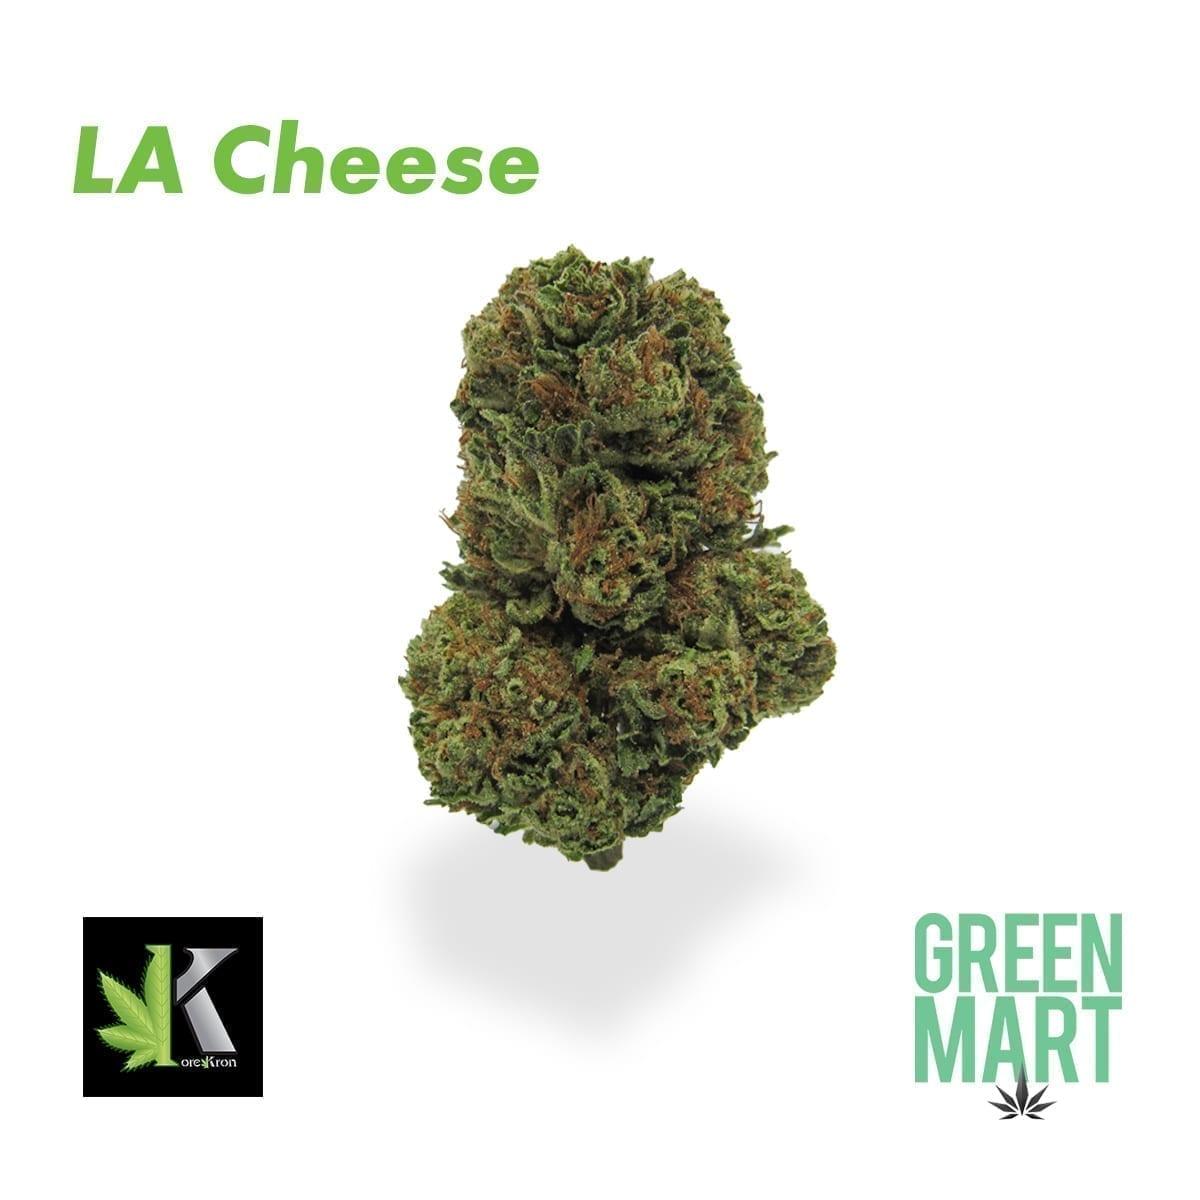 LA Cheese